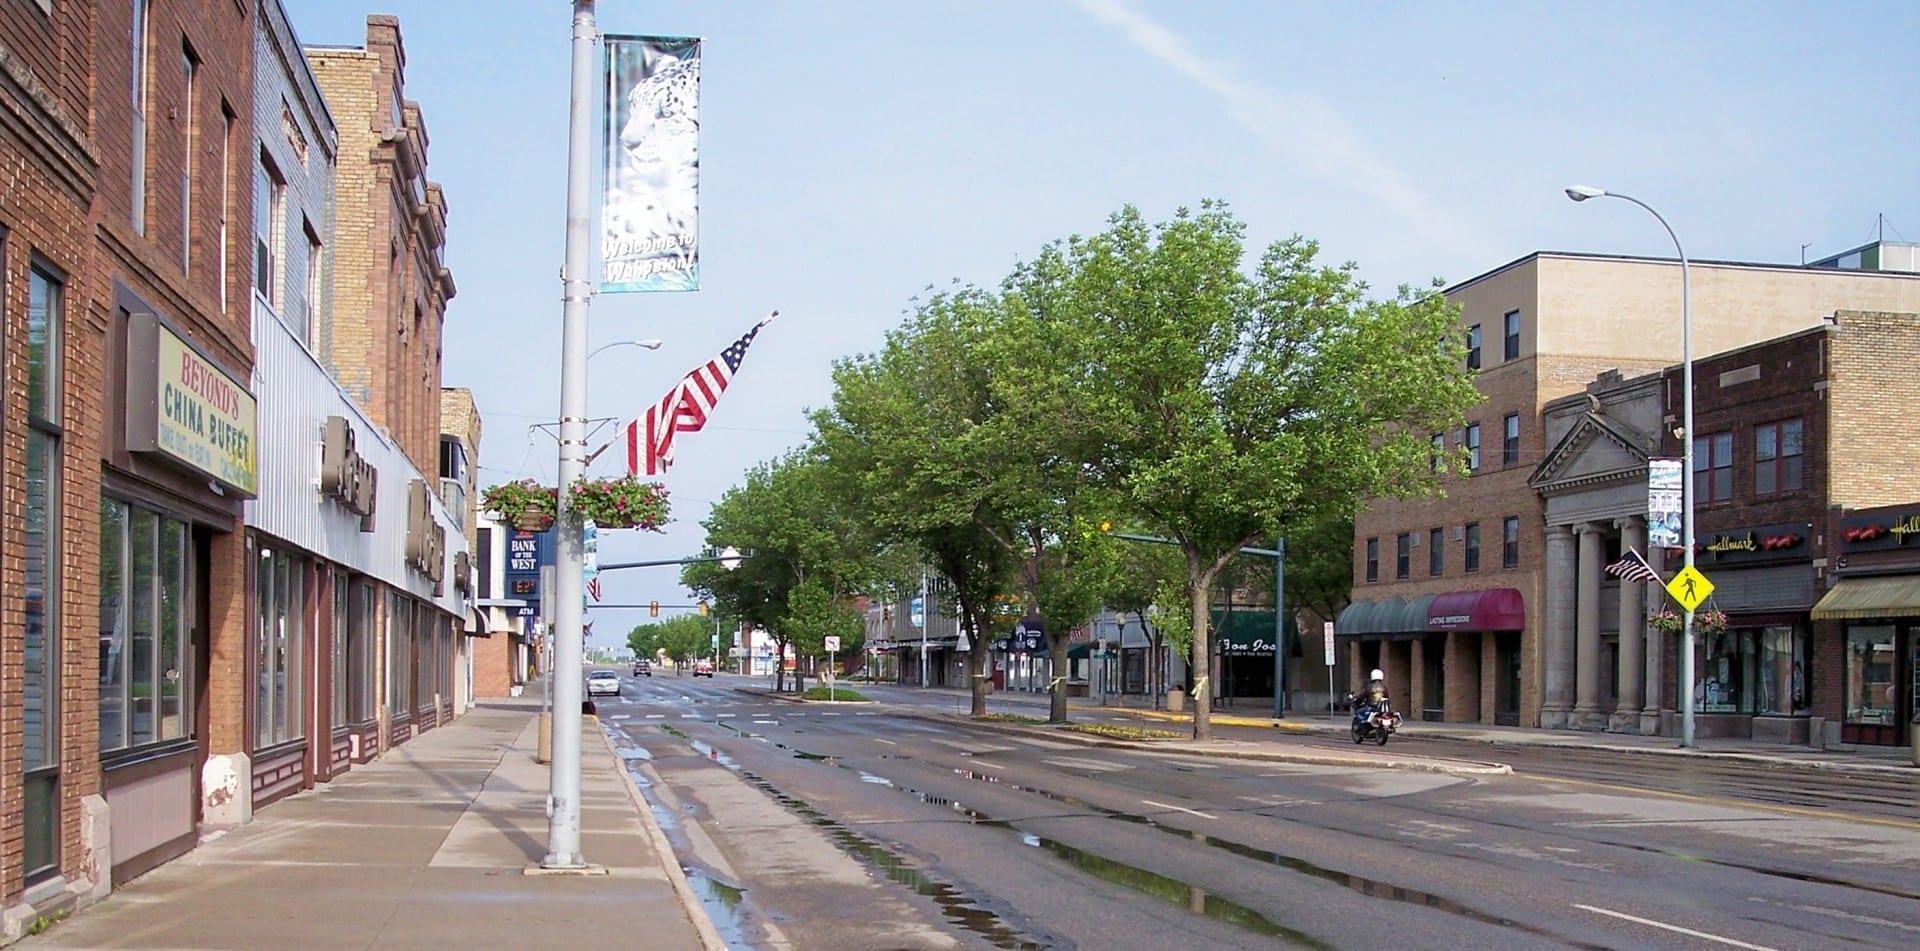 La Avenida Dakota (Autopista 13 de Dakota del Norte) en el centro de Wahpeton Wahpeton ND Estados Unidos